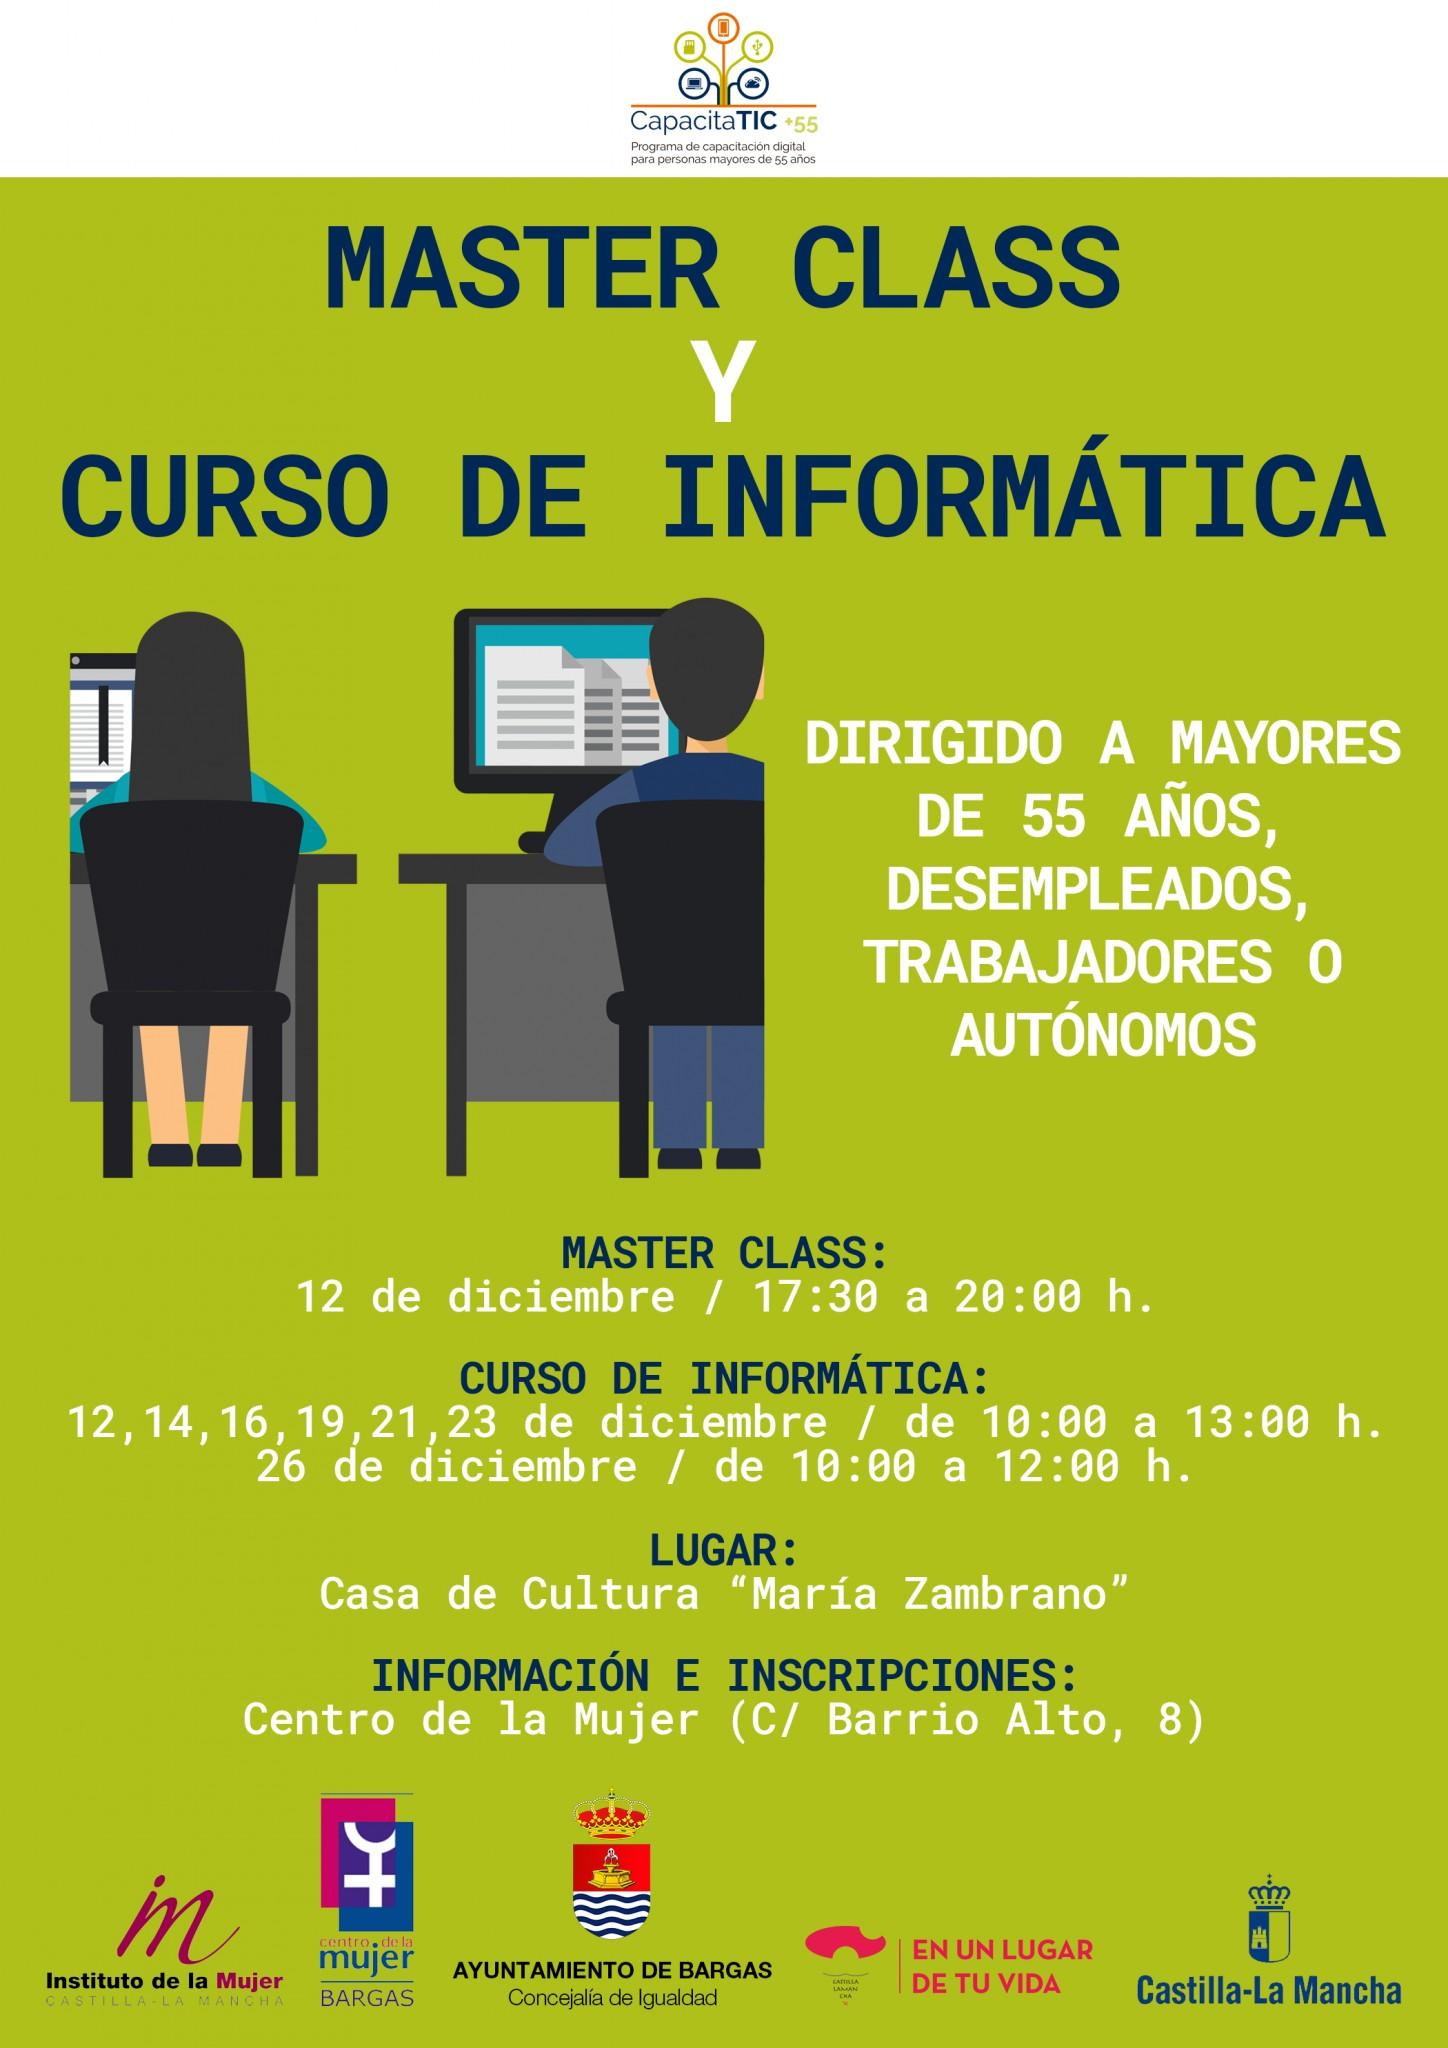 Master Class y Curso de Informática